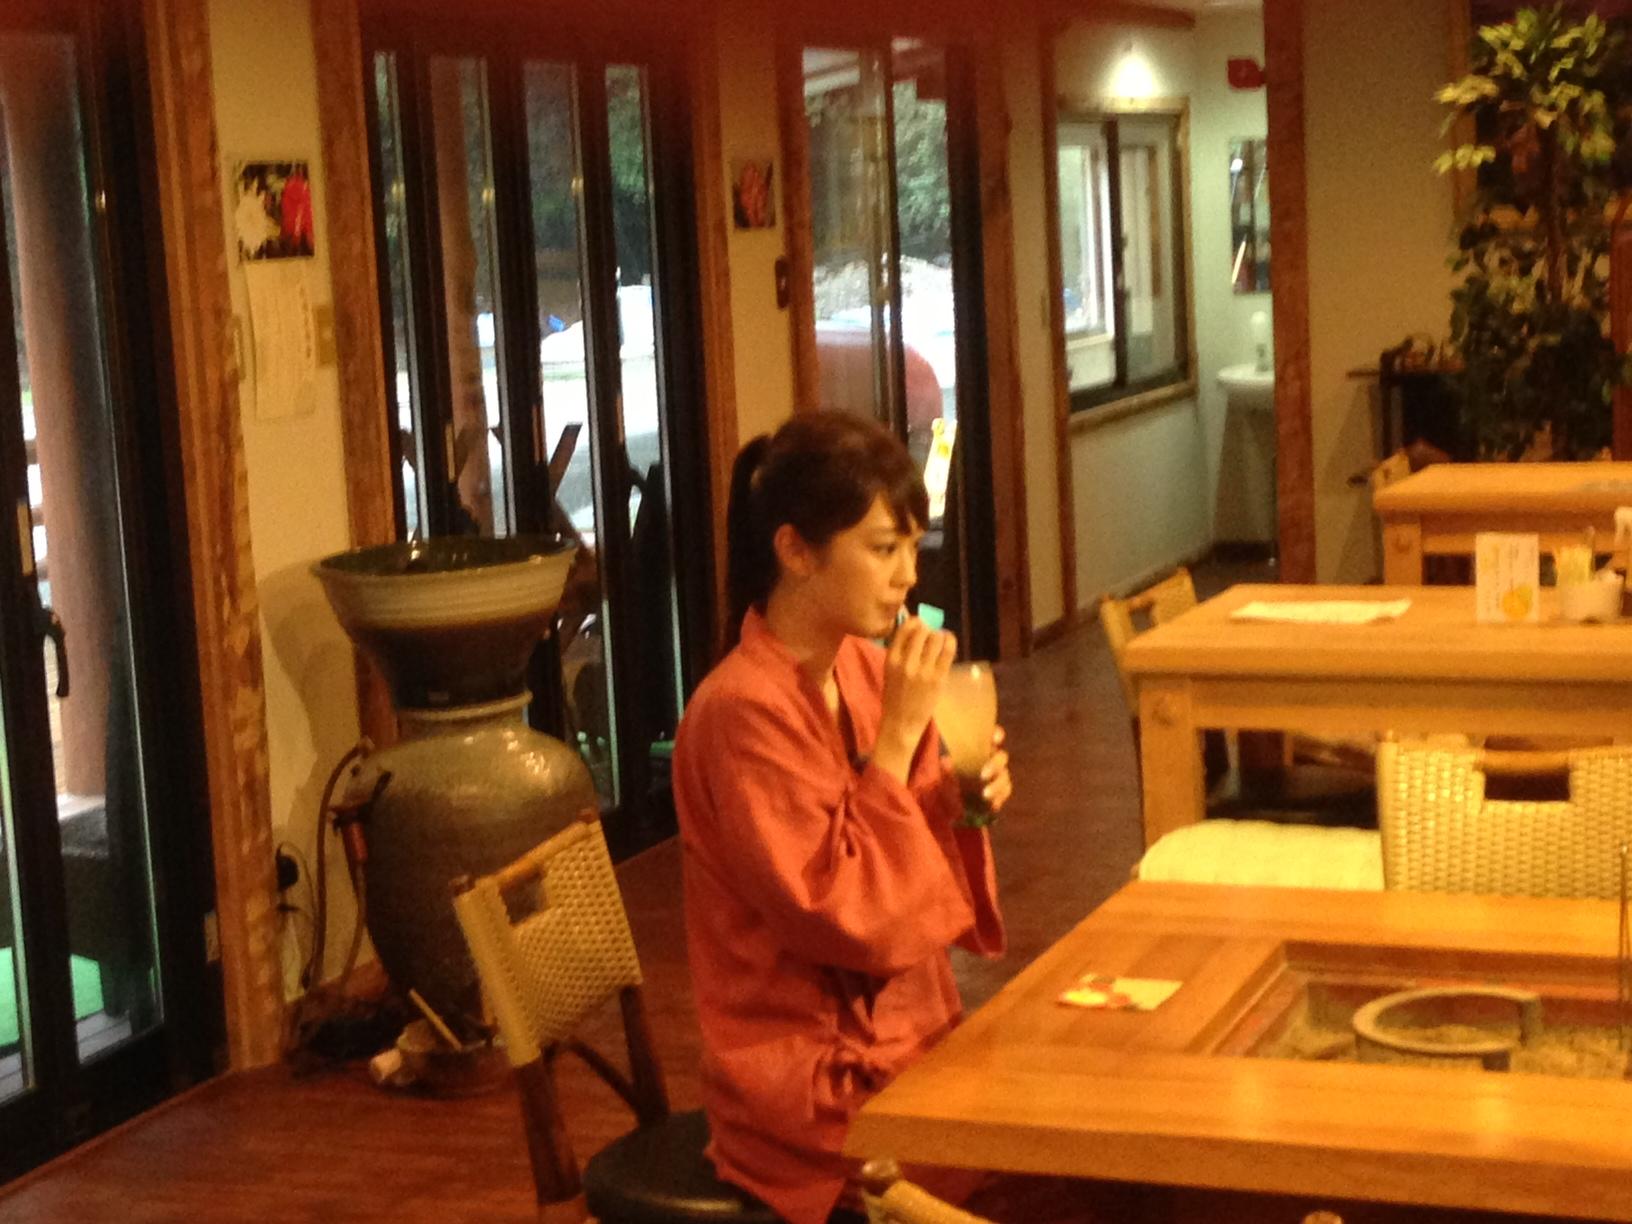 安富町産のゆず果汁がたっぷり入った、特製ゆずジュースで一息ついてます。